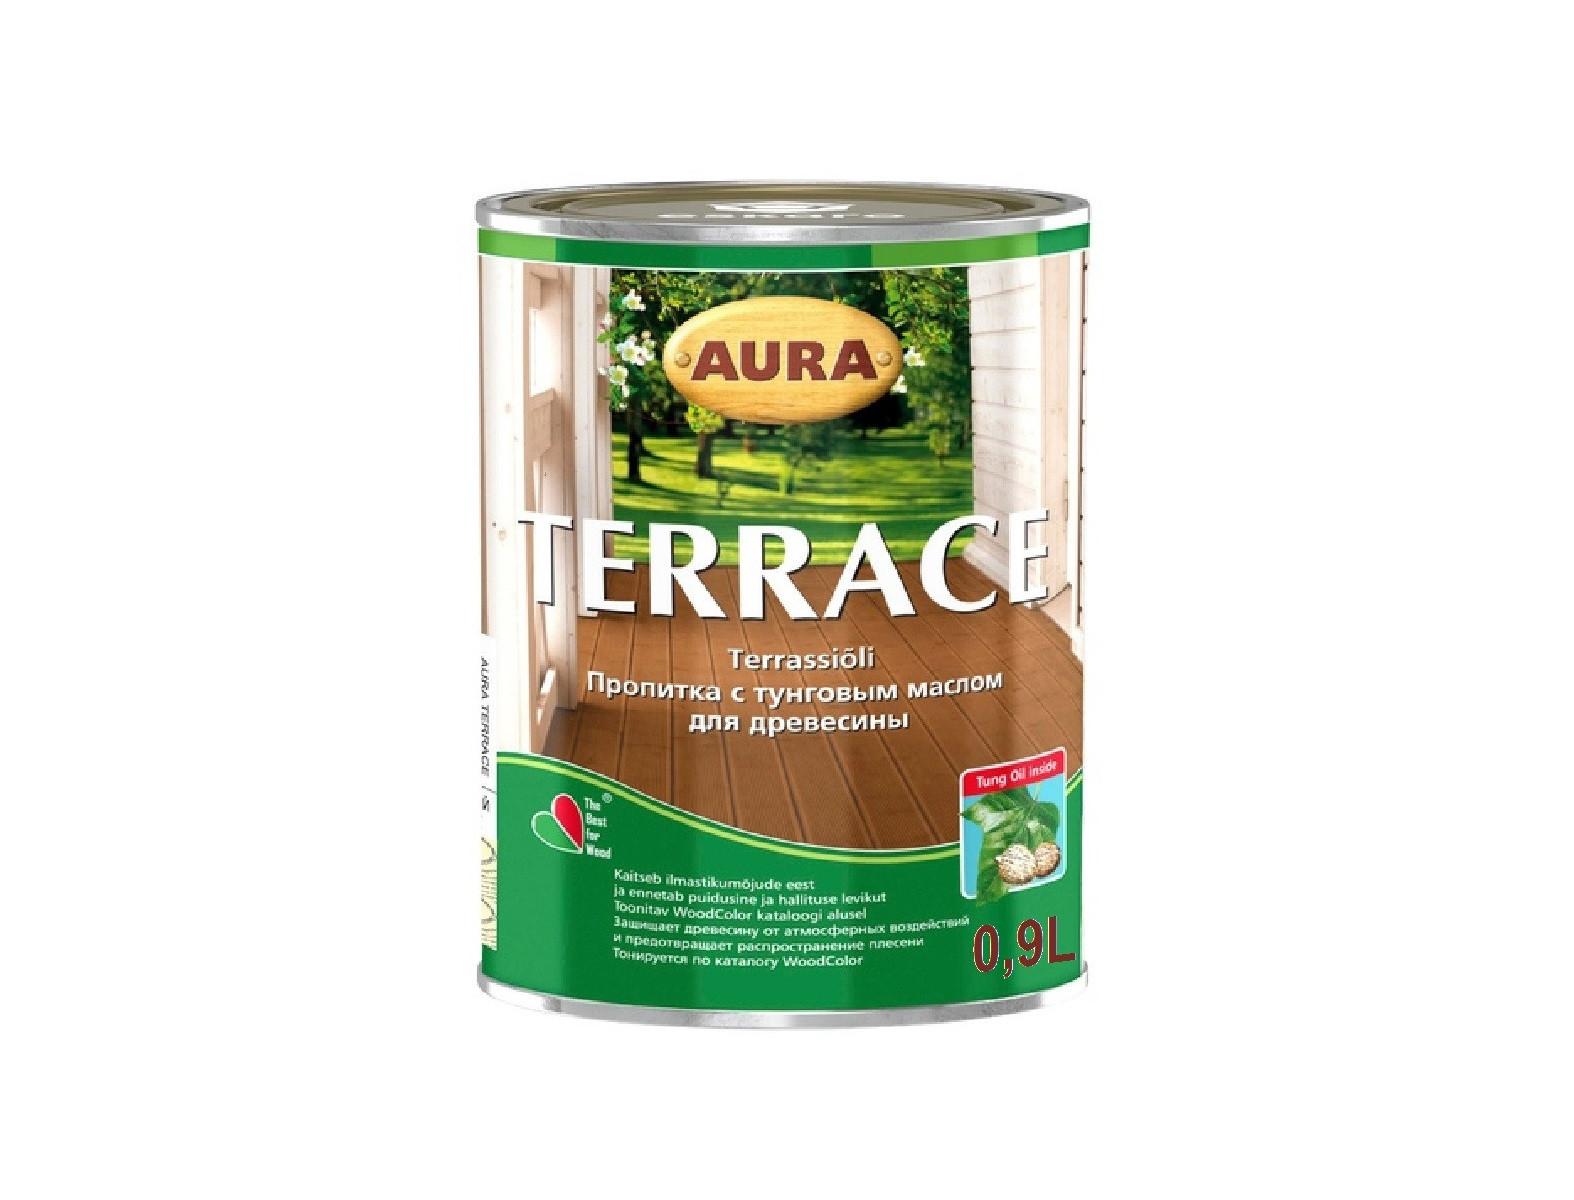 Масло декоративно-защитное для терасс Aura Terrace - изображение 2 - интернет-магазин tricolor.com.ua